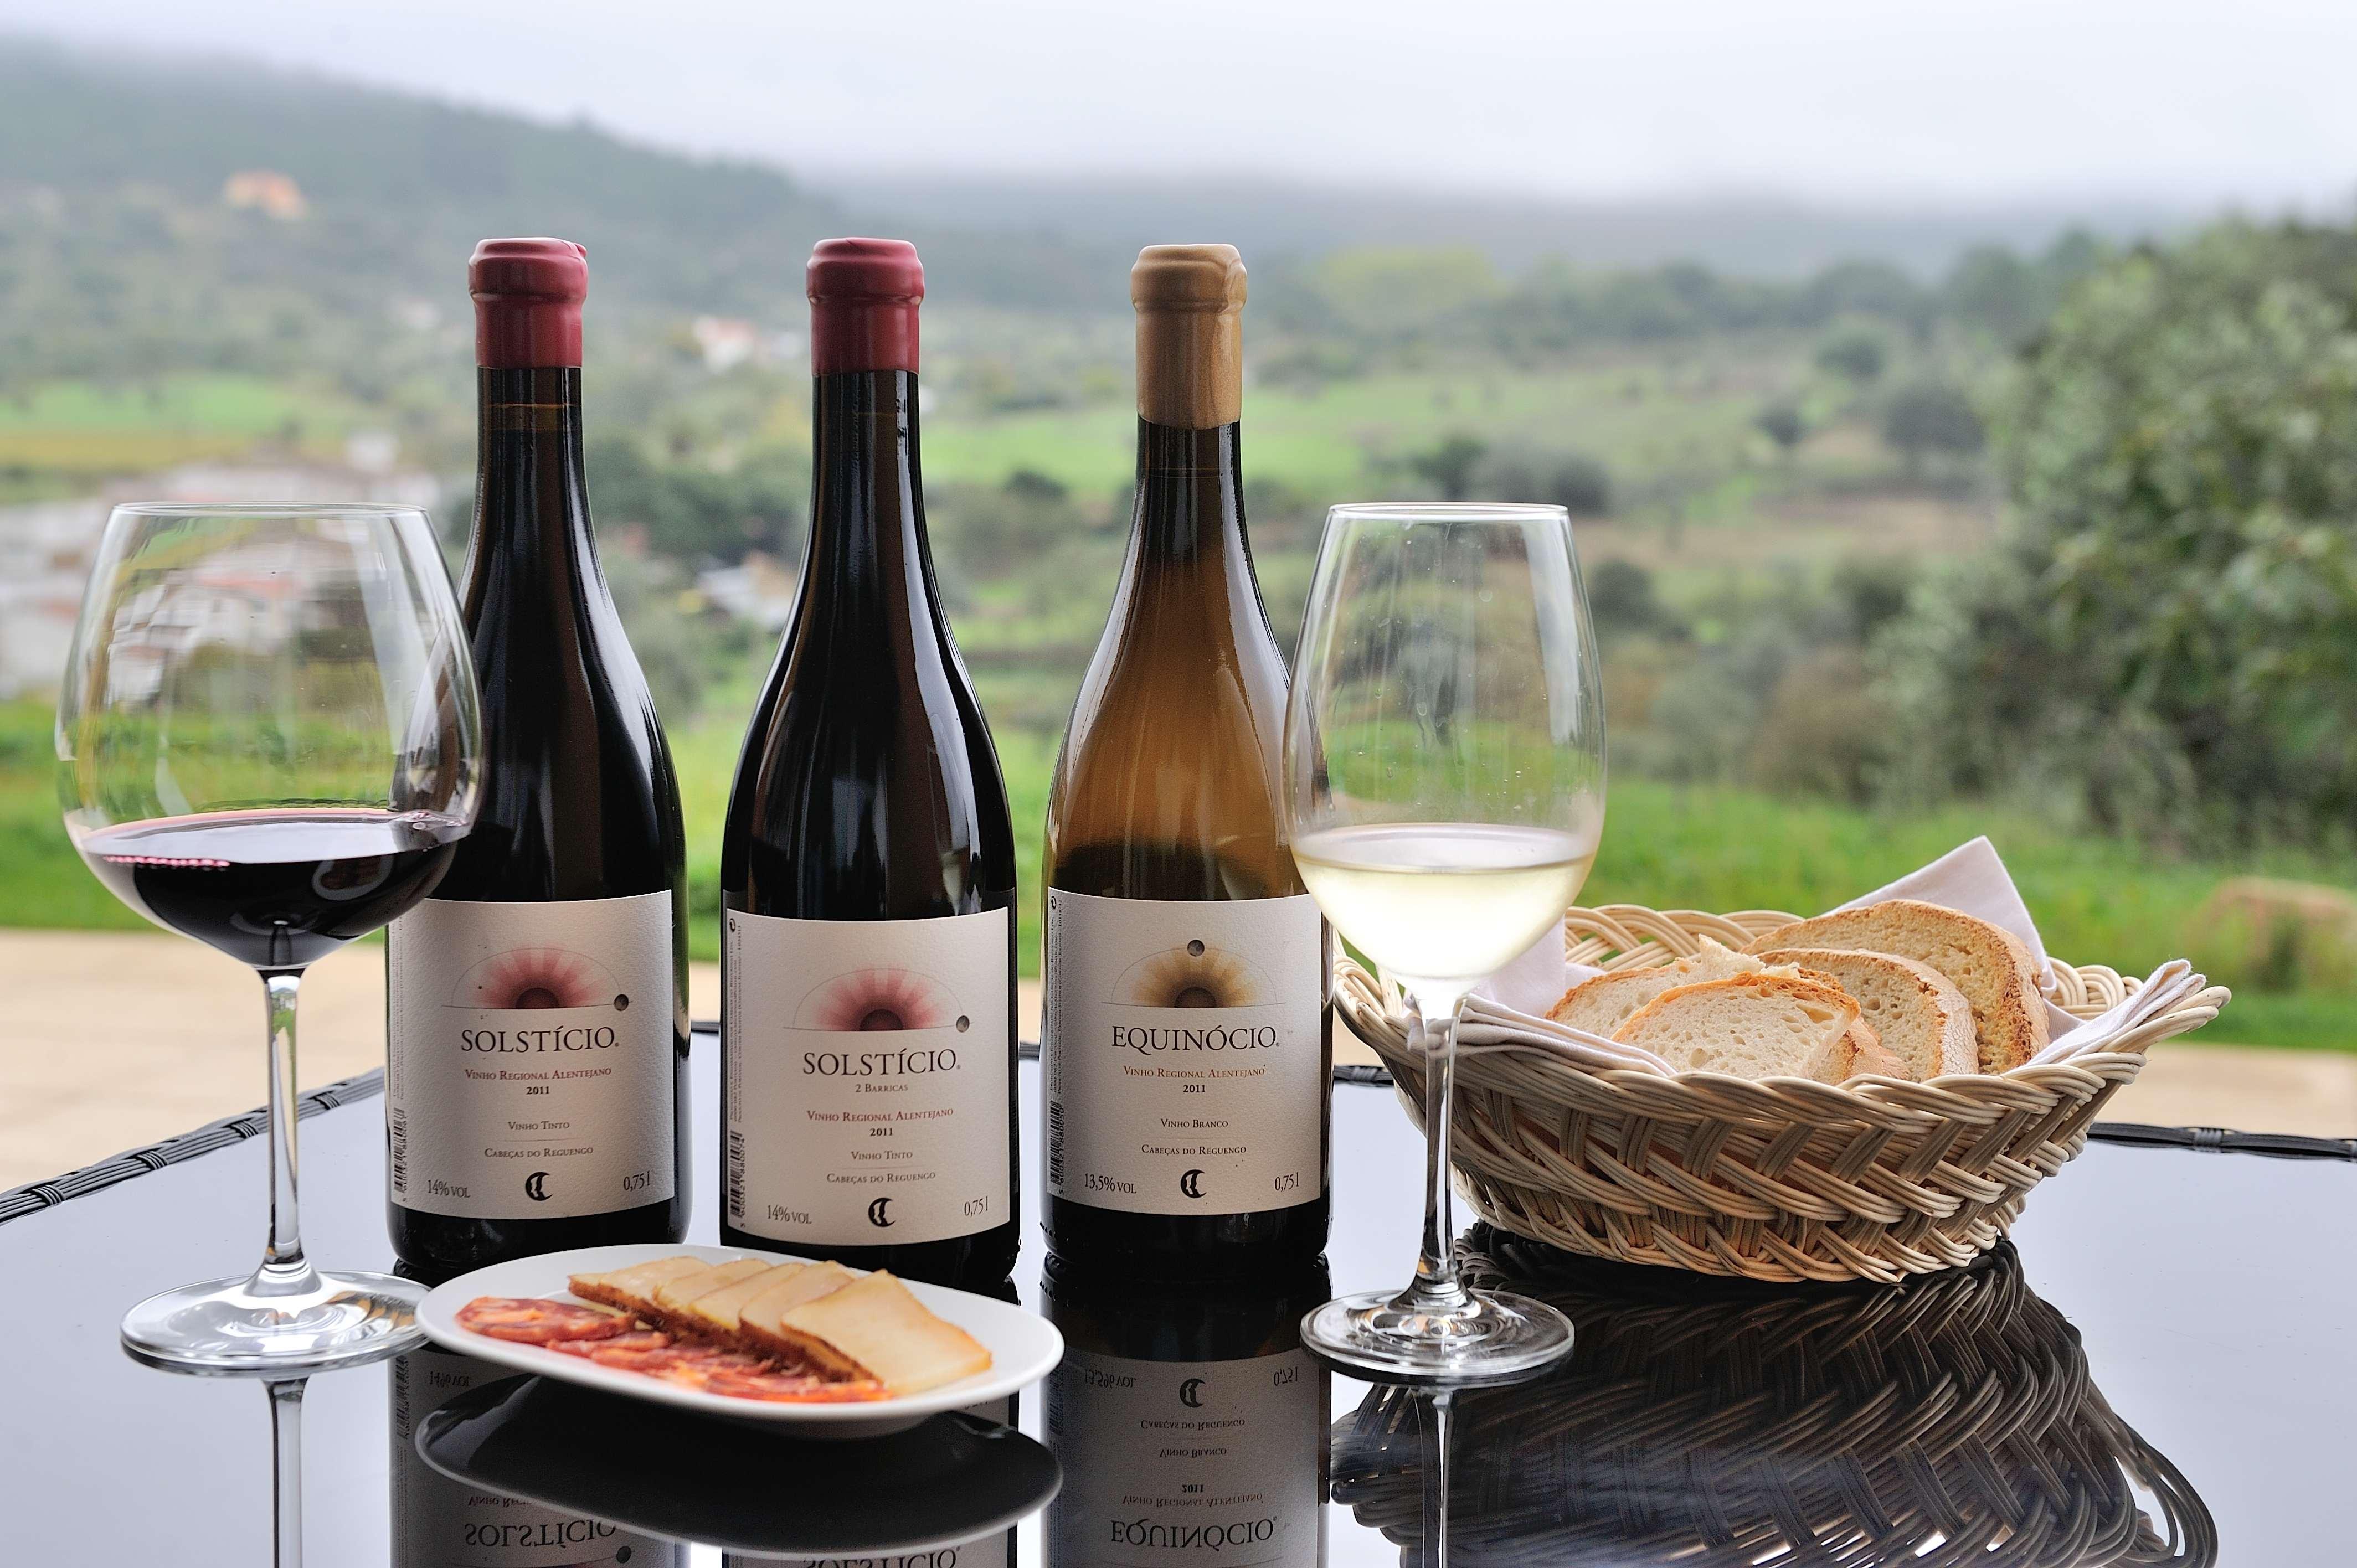 Cabeças de Reguengo - Visita & Prova de Vinhos